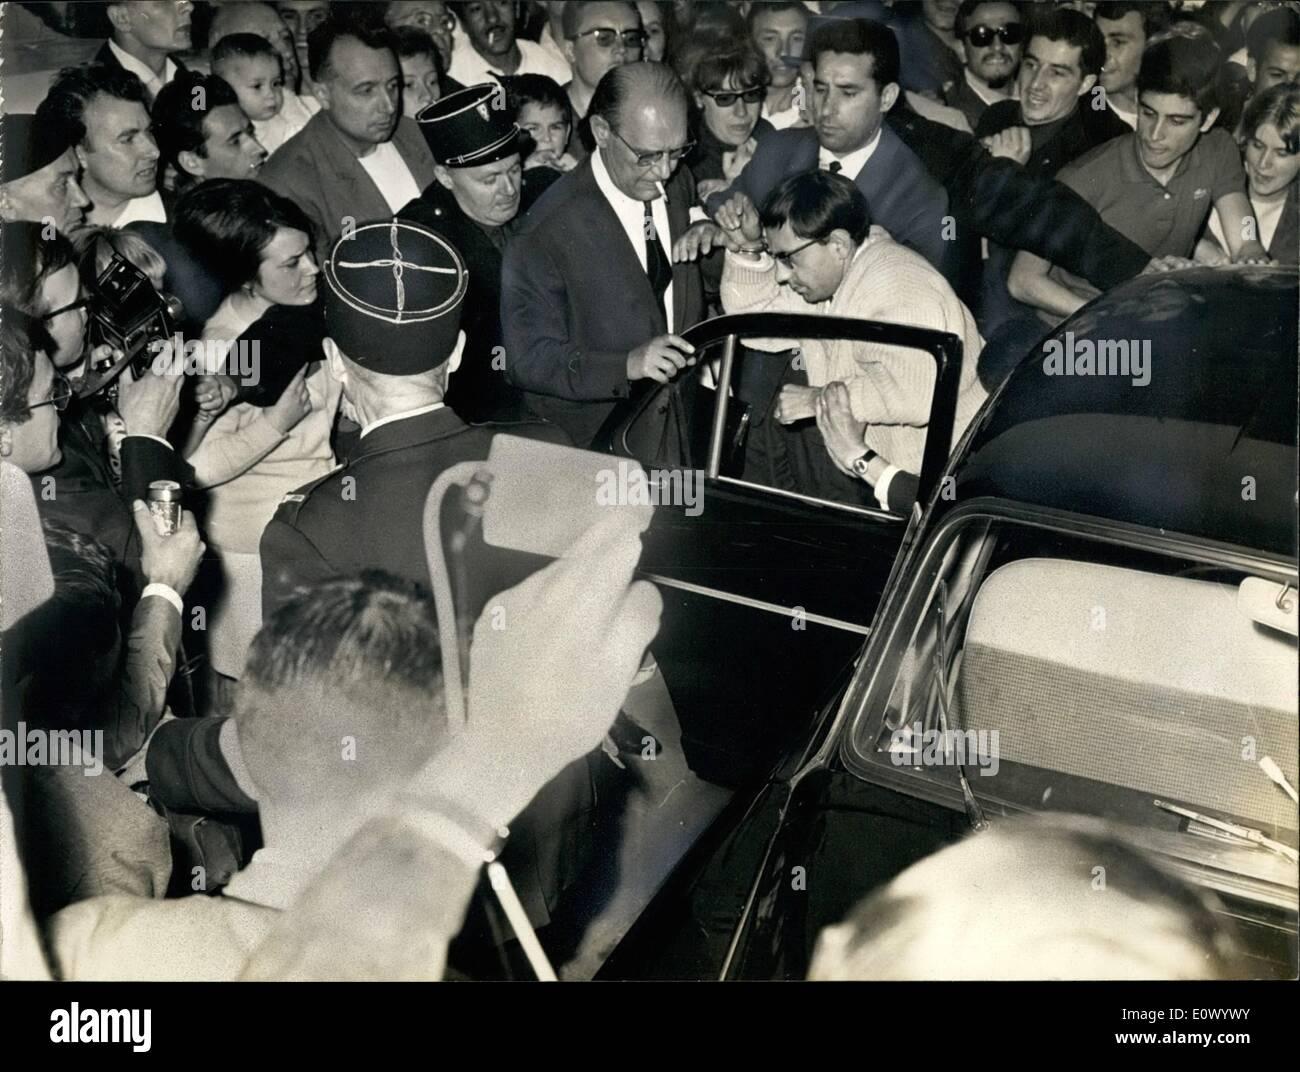 Lug. 07, 1964 - ''l'strangler'' è quasi linciato: una folla selvaggia quasi linciato Lucien Leger ha confessato ieri di aver strozzato Luc Taron, un 10-anno vecchio ragazzo e di aver scritto numerose lettere per la polizia e la pressa con la firma di ''l'Strangler''. Ieri sera, Lucien Leger è stata trasferita a Versailles dove ha avuto un colloquio con il giudice Immagini Stock